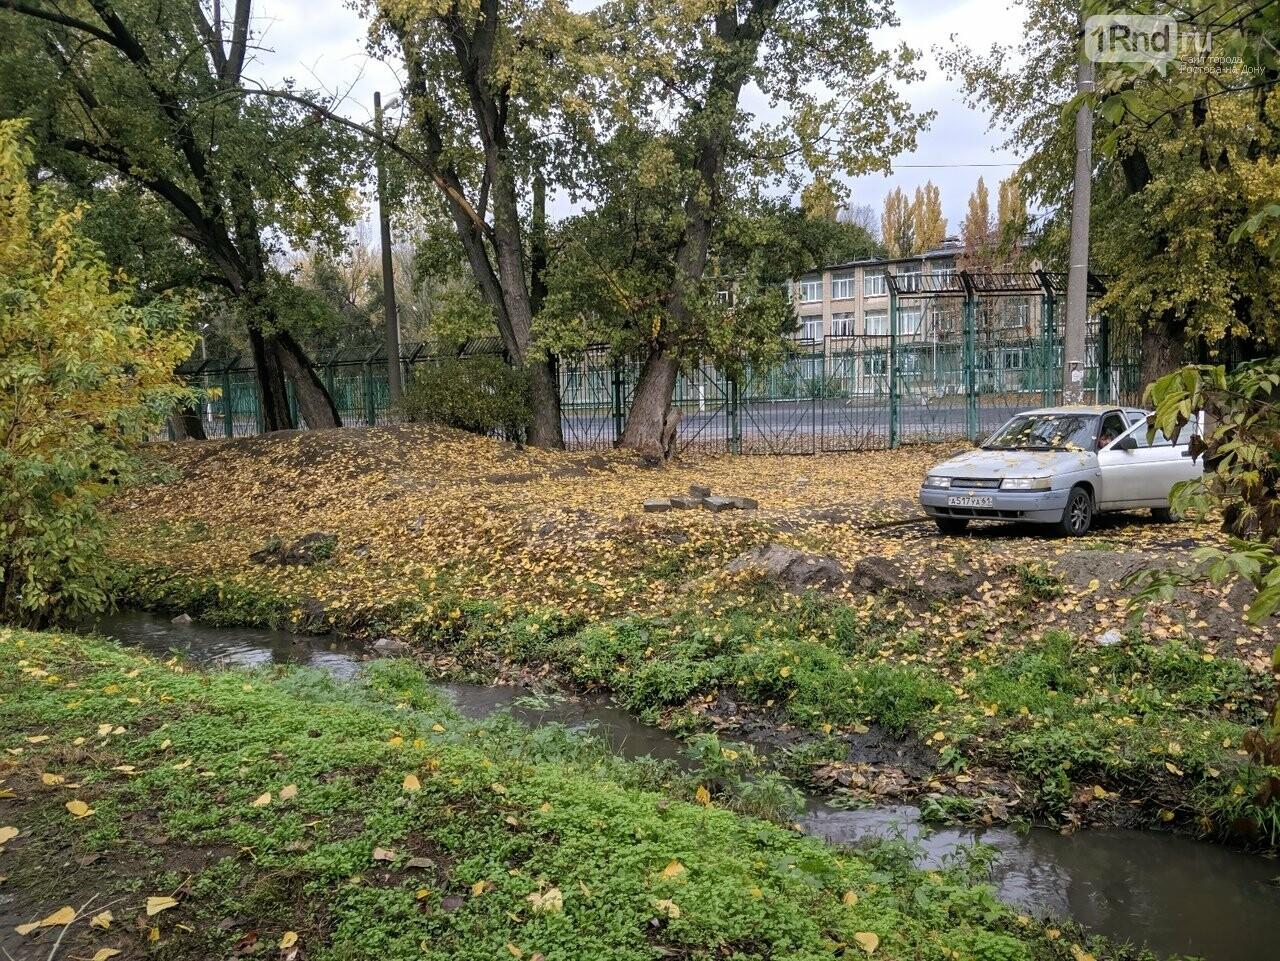 Путь к знаниям: как ростовские школьники добираются до своих школ, фото-3